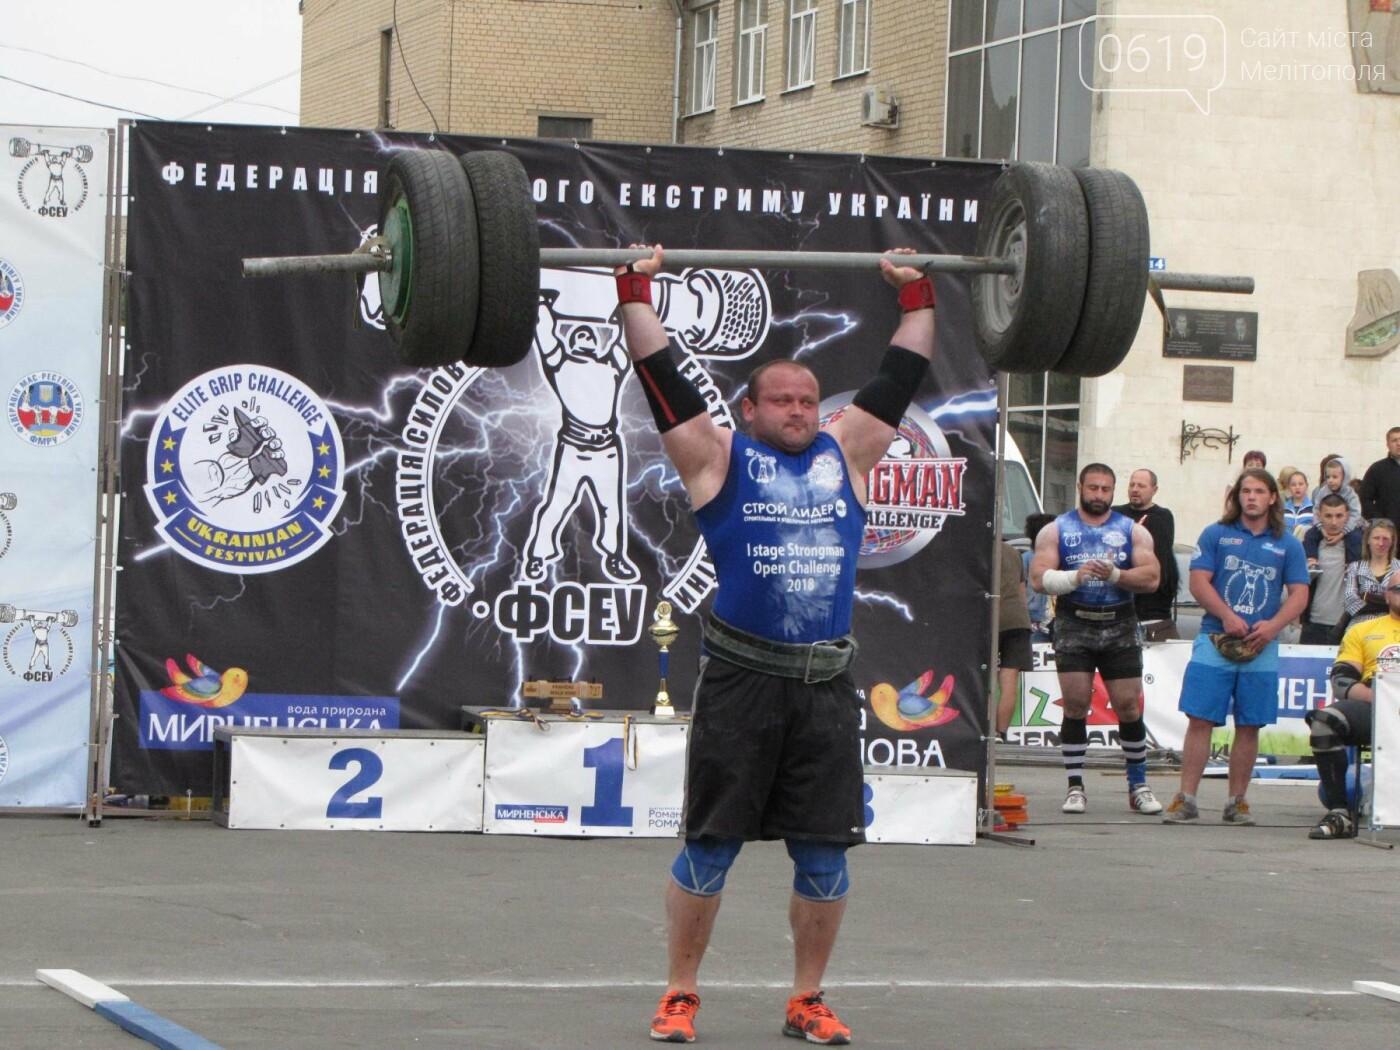 Три победы за неделю: мелитопольский богатырь выиграл второй этап международного чемпионата, фото-33